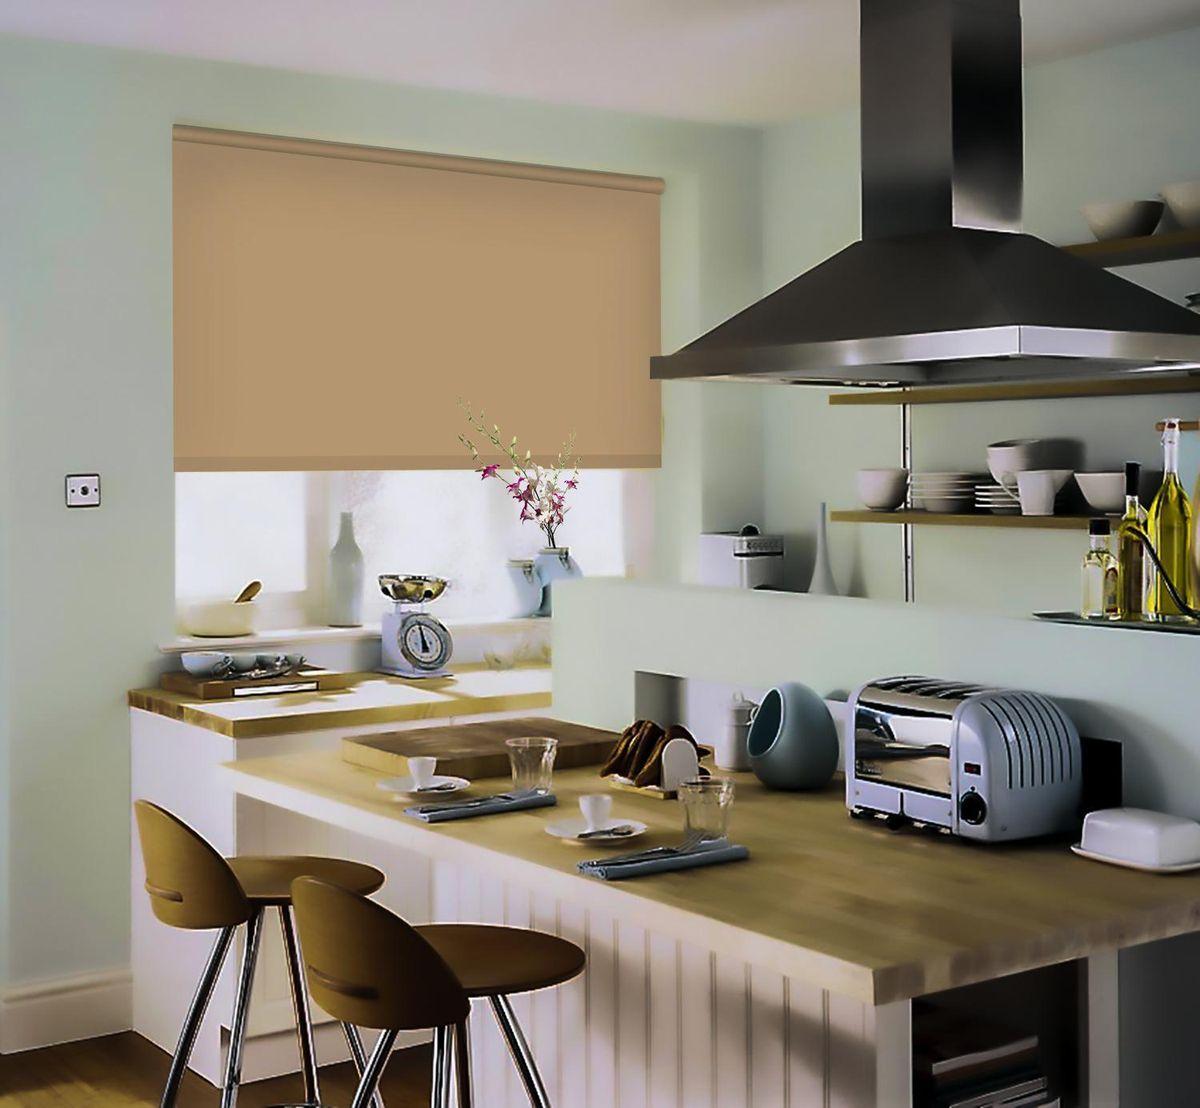 Штора рулонная Эскар, цвет: темно-бежевый, ширина 150 см, высота 170 см81209150170Рулонными шторами можно оформлять окна как самостоятельно, так и использовать в комбинации с портьерами. Это поможет предотвратить выгорание дорогой ткани на солнце и соединит функционал рулонных с красотой навесных.Преимущества применения рулонных штор для пластиковых окон:- имеют прекрасный внешний вид: многообразие и фактурность материала изделия отлично смотрятся в любом интерьере; - многофункциональны: есть возможность подобрать шторы способные эффективно защитить комнату от солнца, при этом о на не будет слишком темной. - Есть возможность осуществить быстрый монтаж. ВНИМАНИЕ! Размеры ширины изделия указаны по ширине ткани!Во время эксплуатации не рекомендуется полностью разматывать рулон, чтобы не оторвать ткань от намоточного вала.В случае загрязнения поверхности ткани, чистку шторы проводят одним из способов, в зависимости от типа загрязнения: легкое поверхностное загрязнение можно удалить при помощи канцелярского ластика; чистка от пыли производится сухим методом при помощи пылесоса с мягкой щеткой-насадкой; для удаления пятна используйте мягкую губку с пенообразующим неагрессивным моющим средством или пятновыводитель на натуральной основе (нельзя применять растворители).